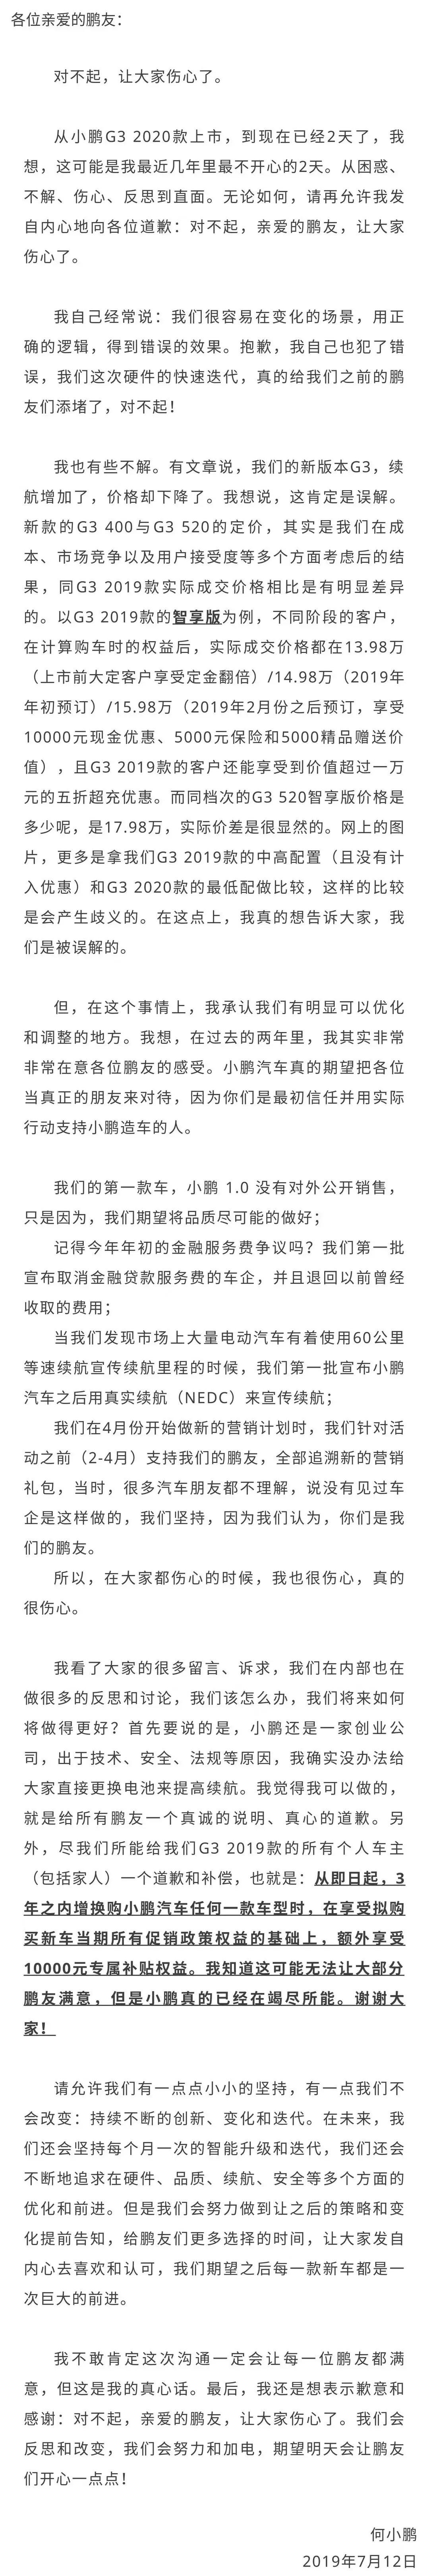 何小鹏为改款G3降价道歉:3年内老车主增换购小鹏汽车补贴1万